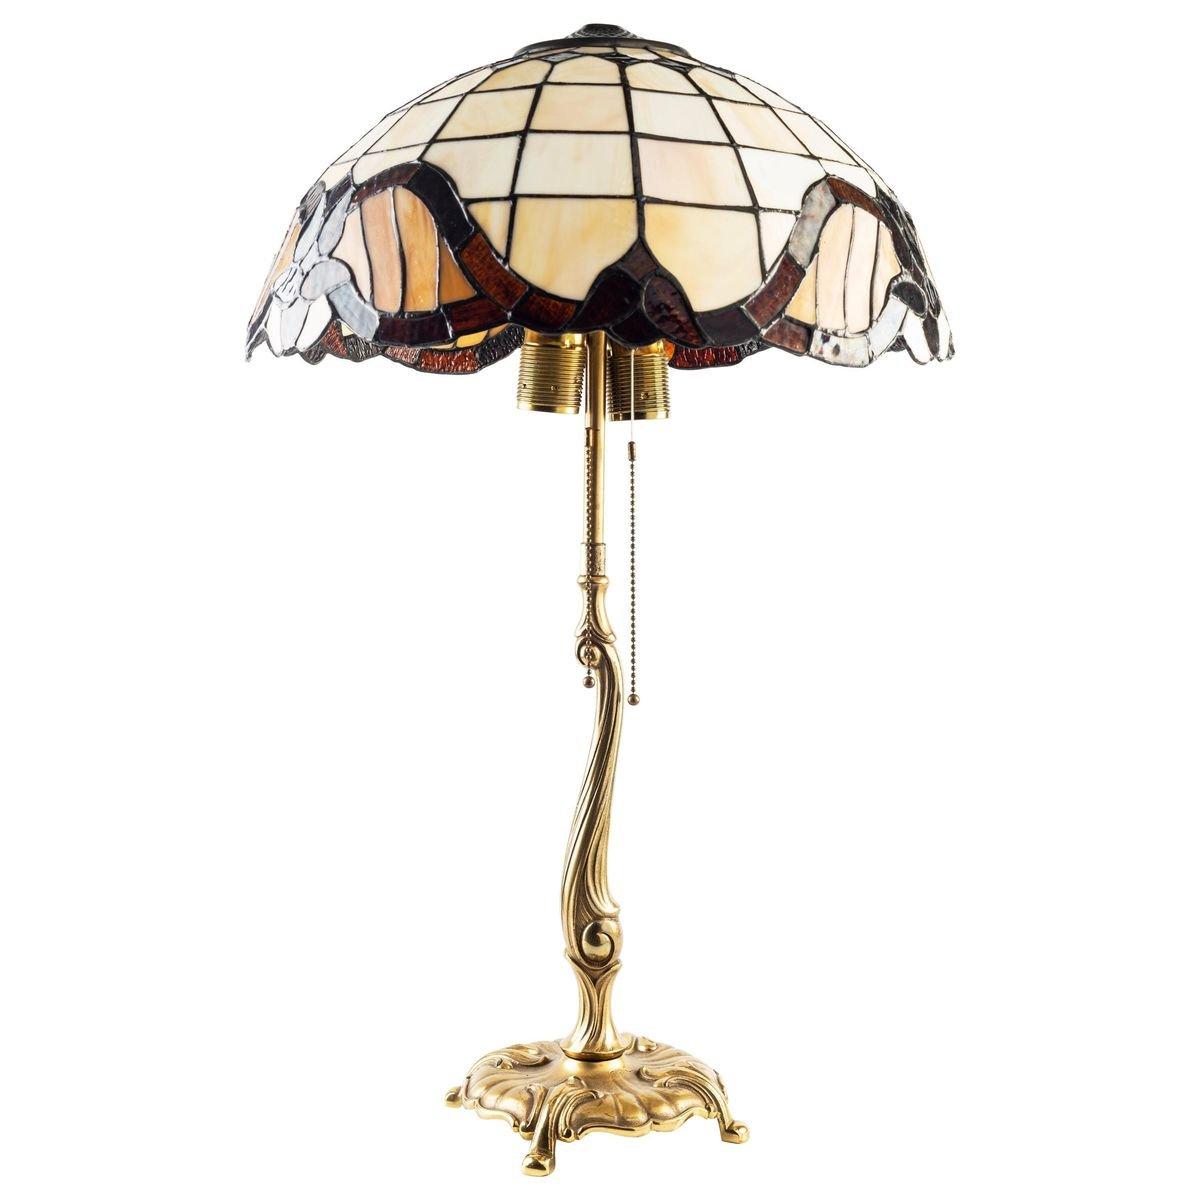 Lampada Da Tavolo Vintage In Stile Tiffany In Vendita Su Pamono